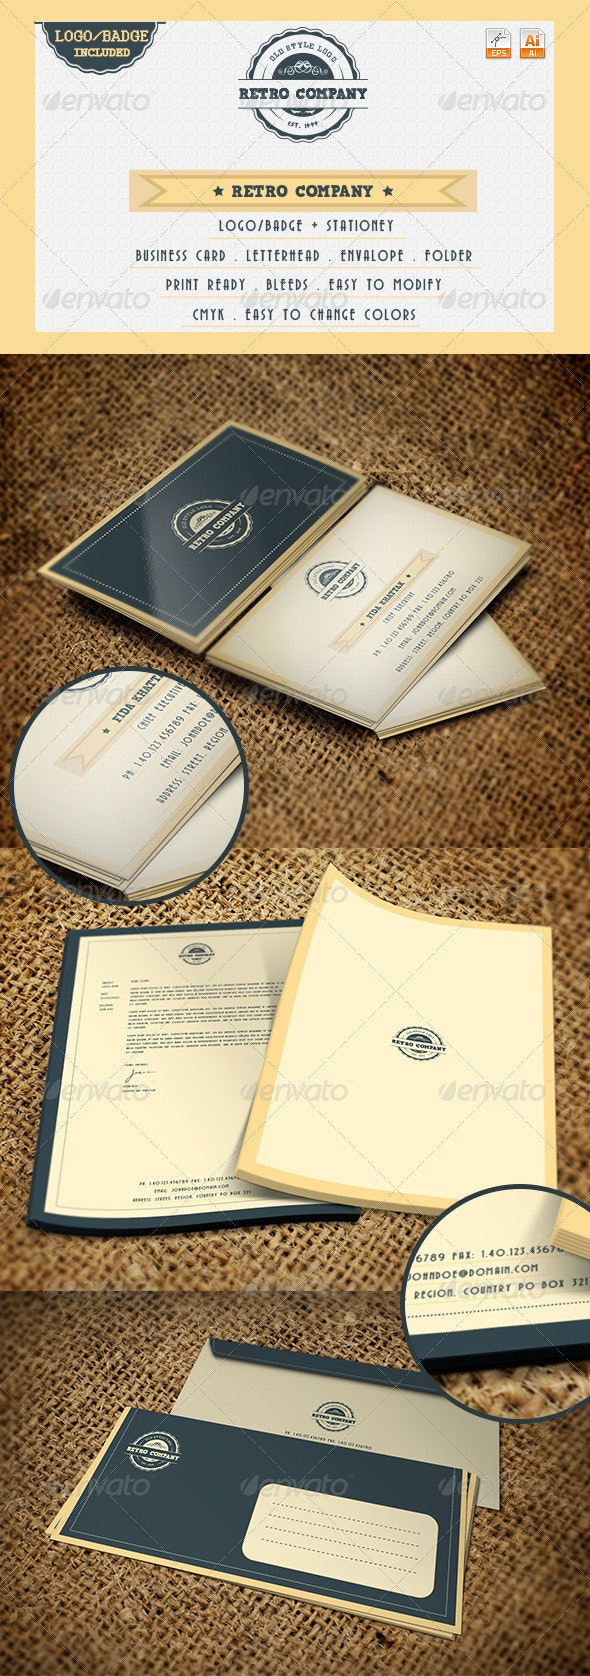 Retro Company - Logo and Stationery - Stationery Print Templates